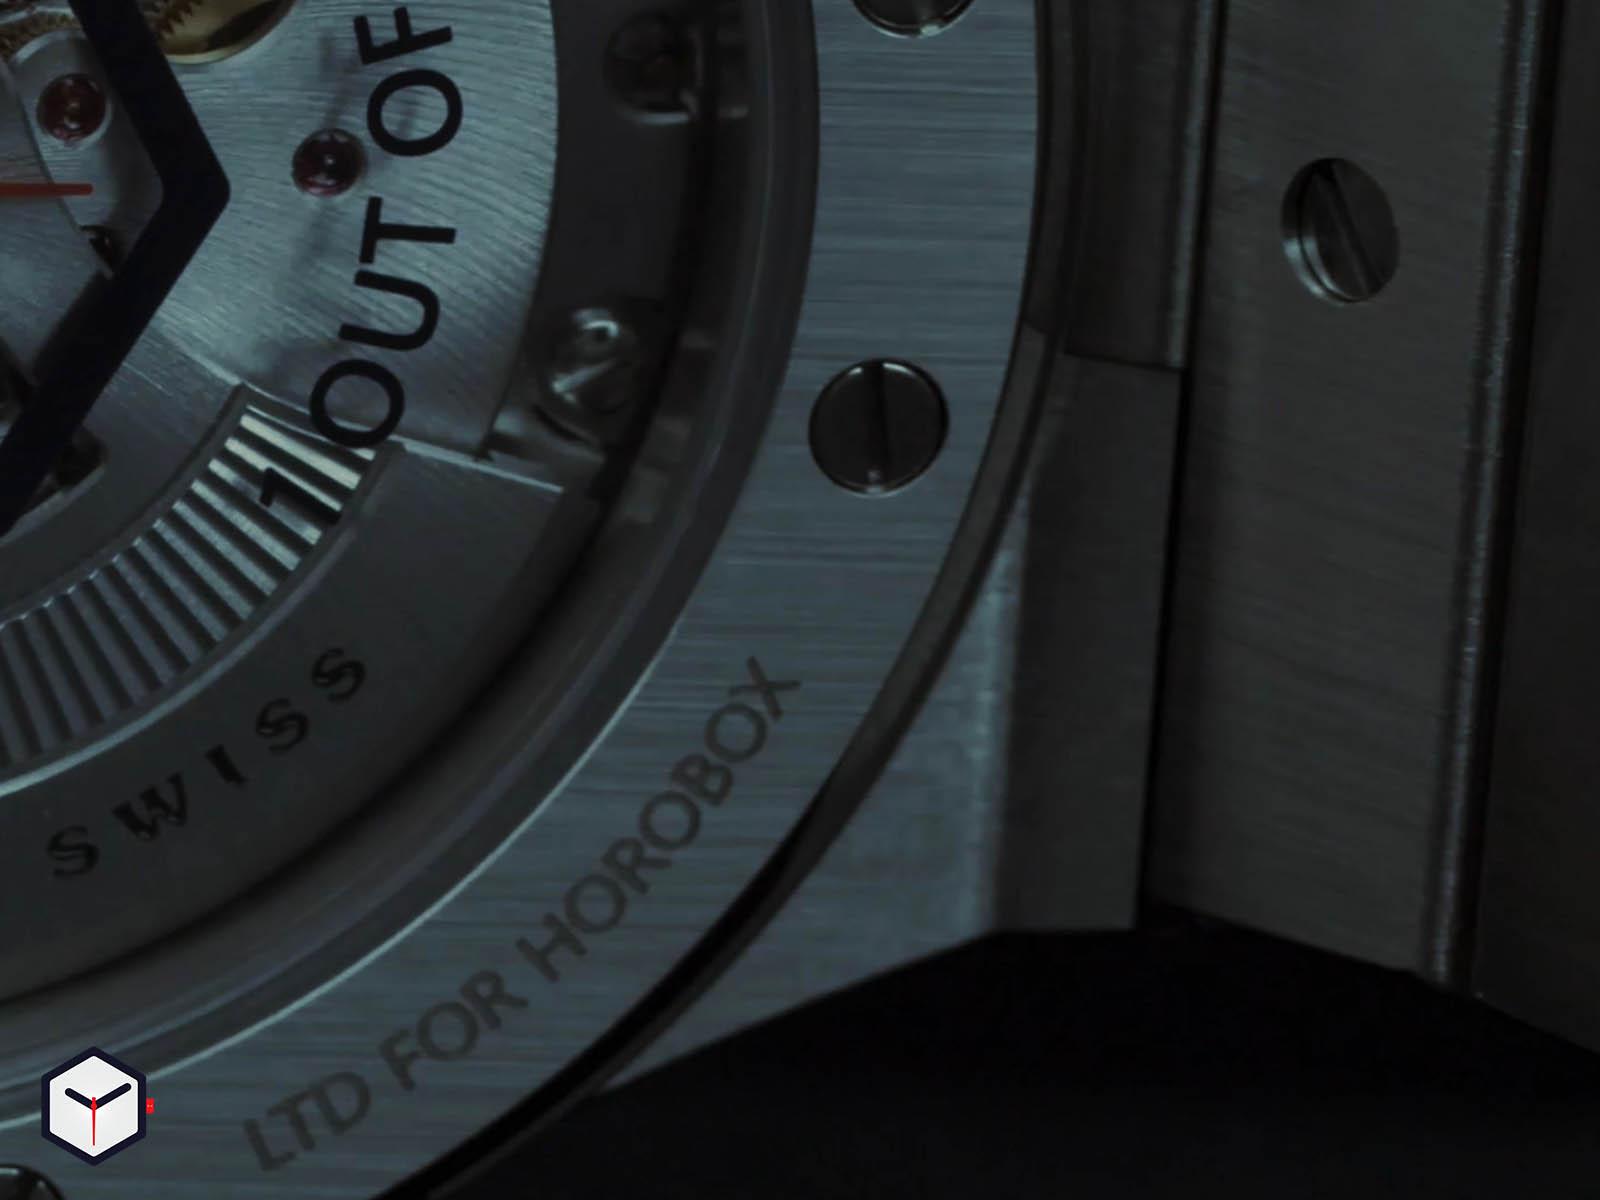 chopard-alpine-eagle-horobox-limited-edition-12.jpg